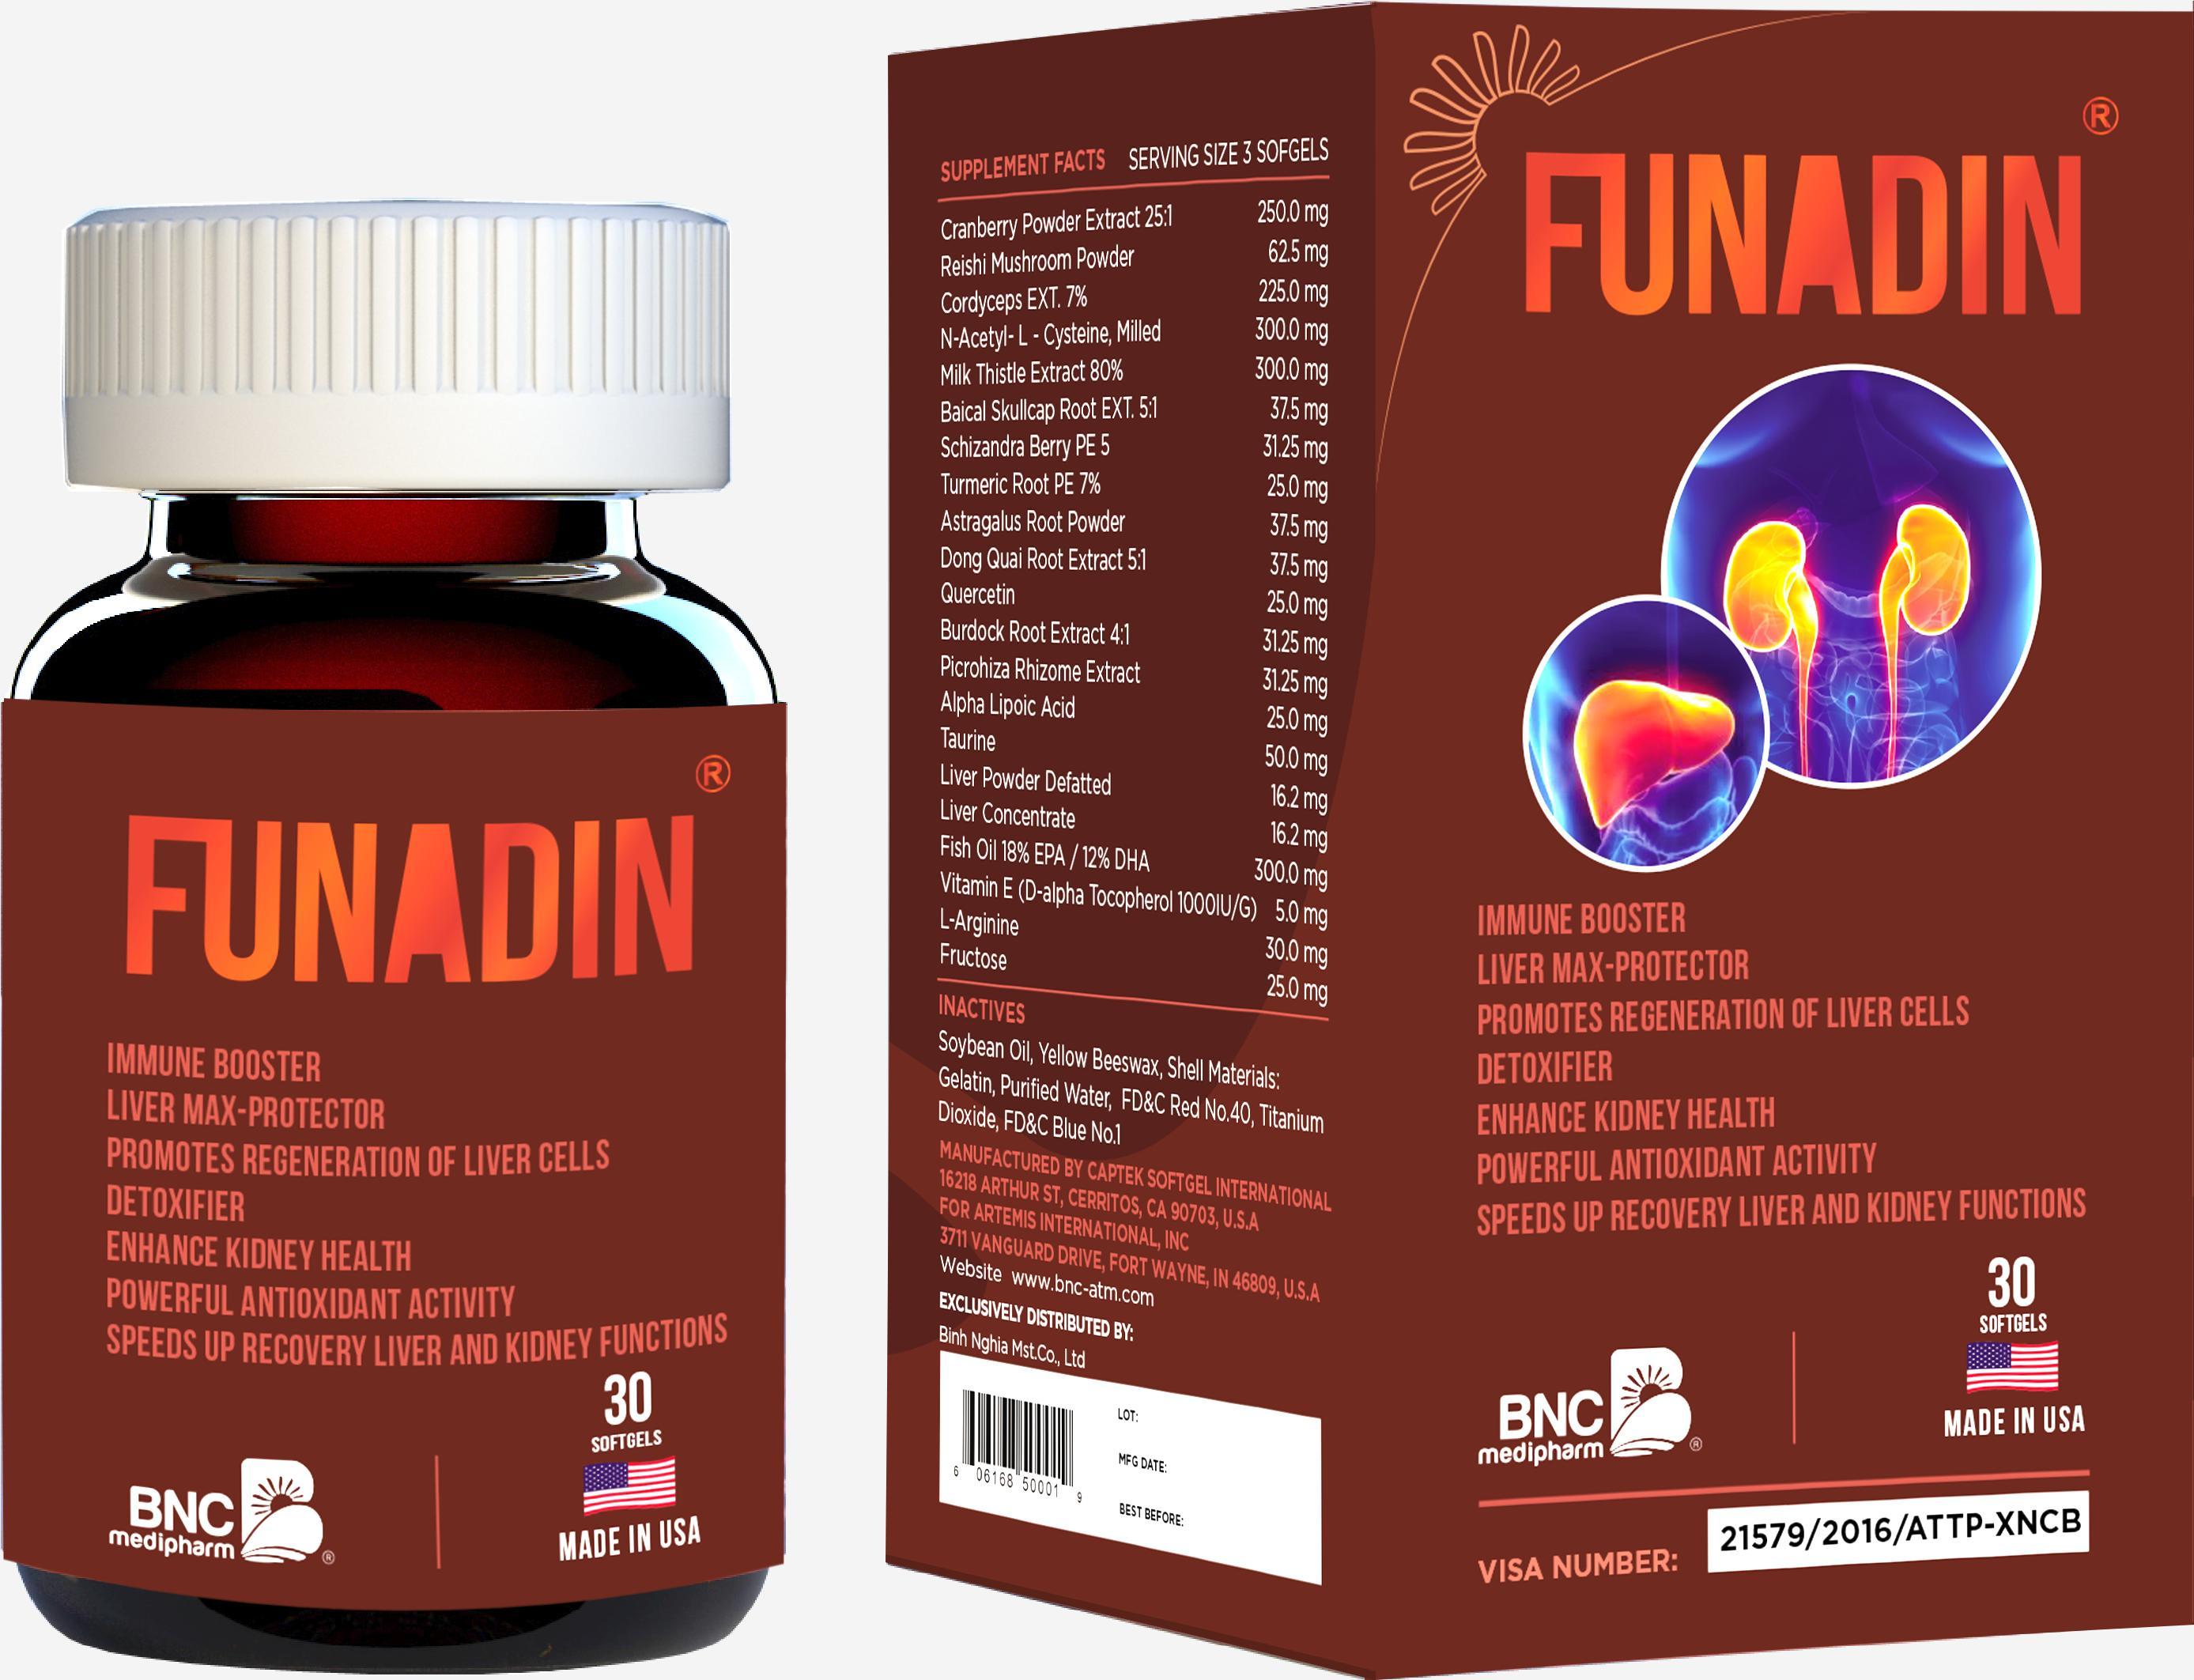 Thuốc Funadin mua ở đâu, giá bao nhiêu?